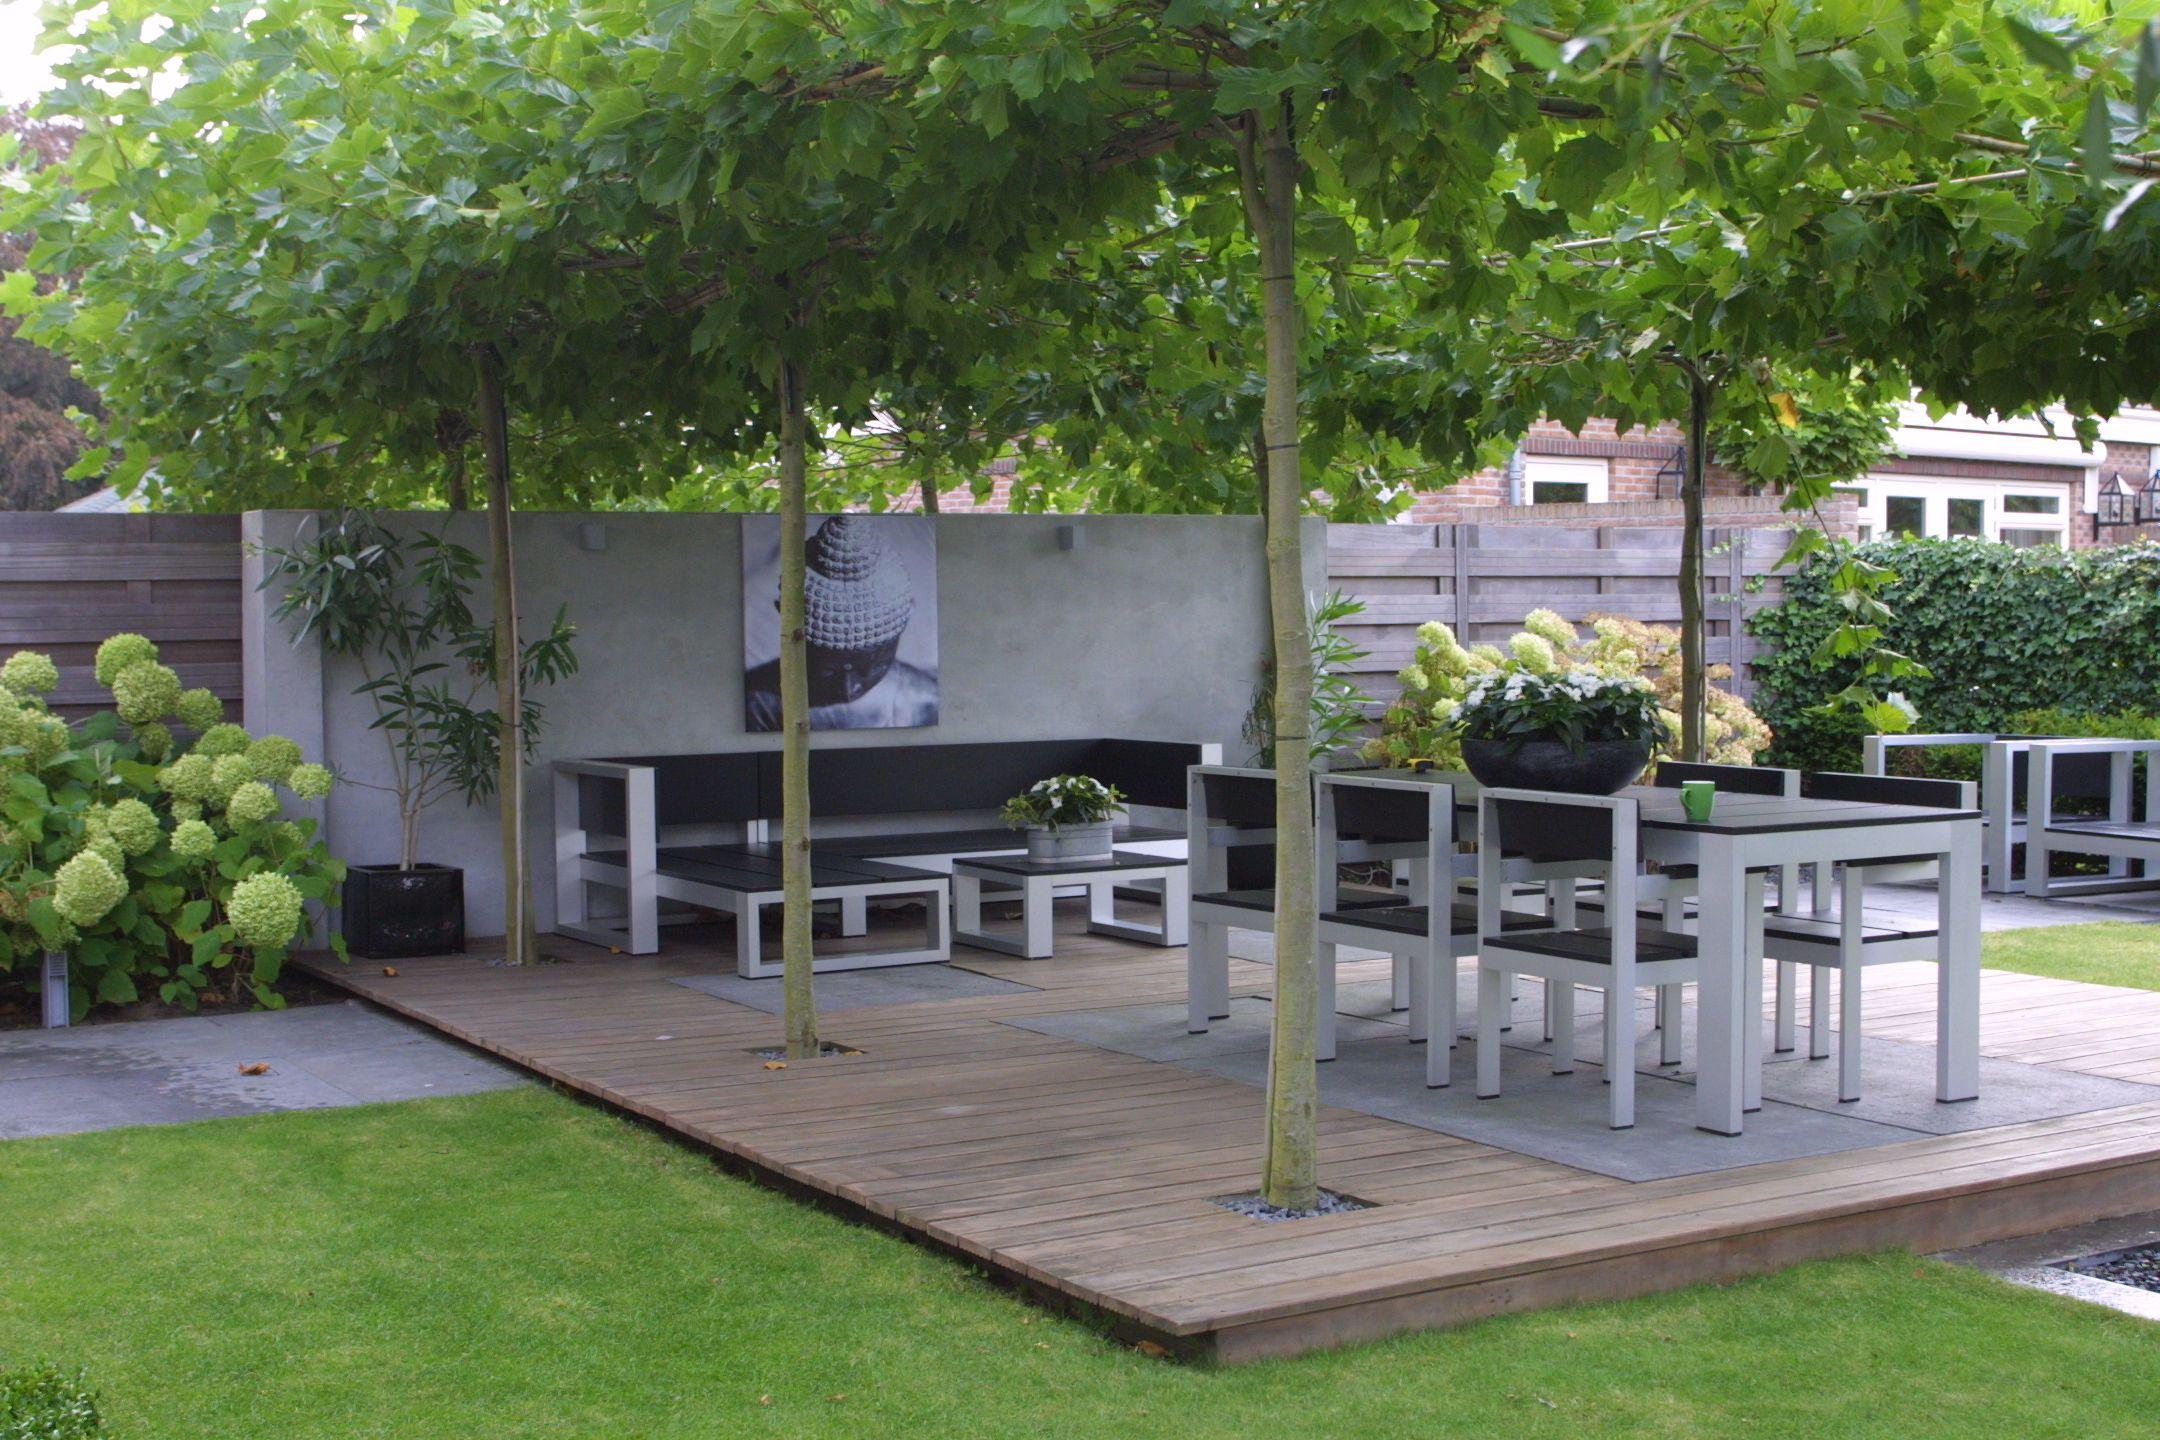 Moderne tuinen voorbeelden google search garden ideas pinterest gardens garden ideas for Tuin modern design